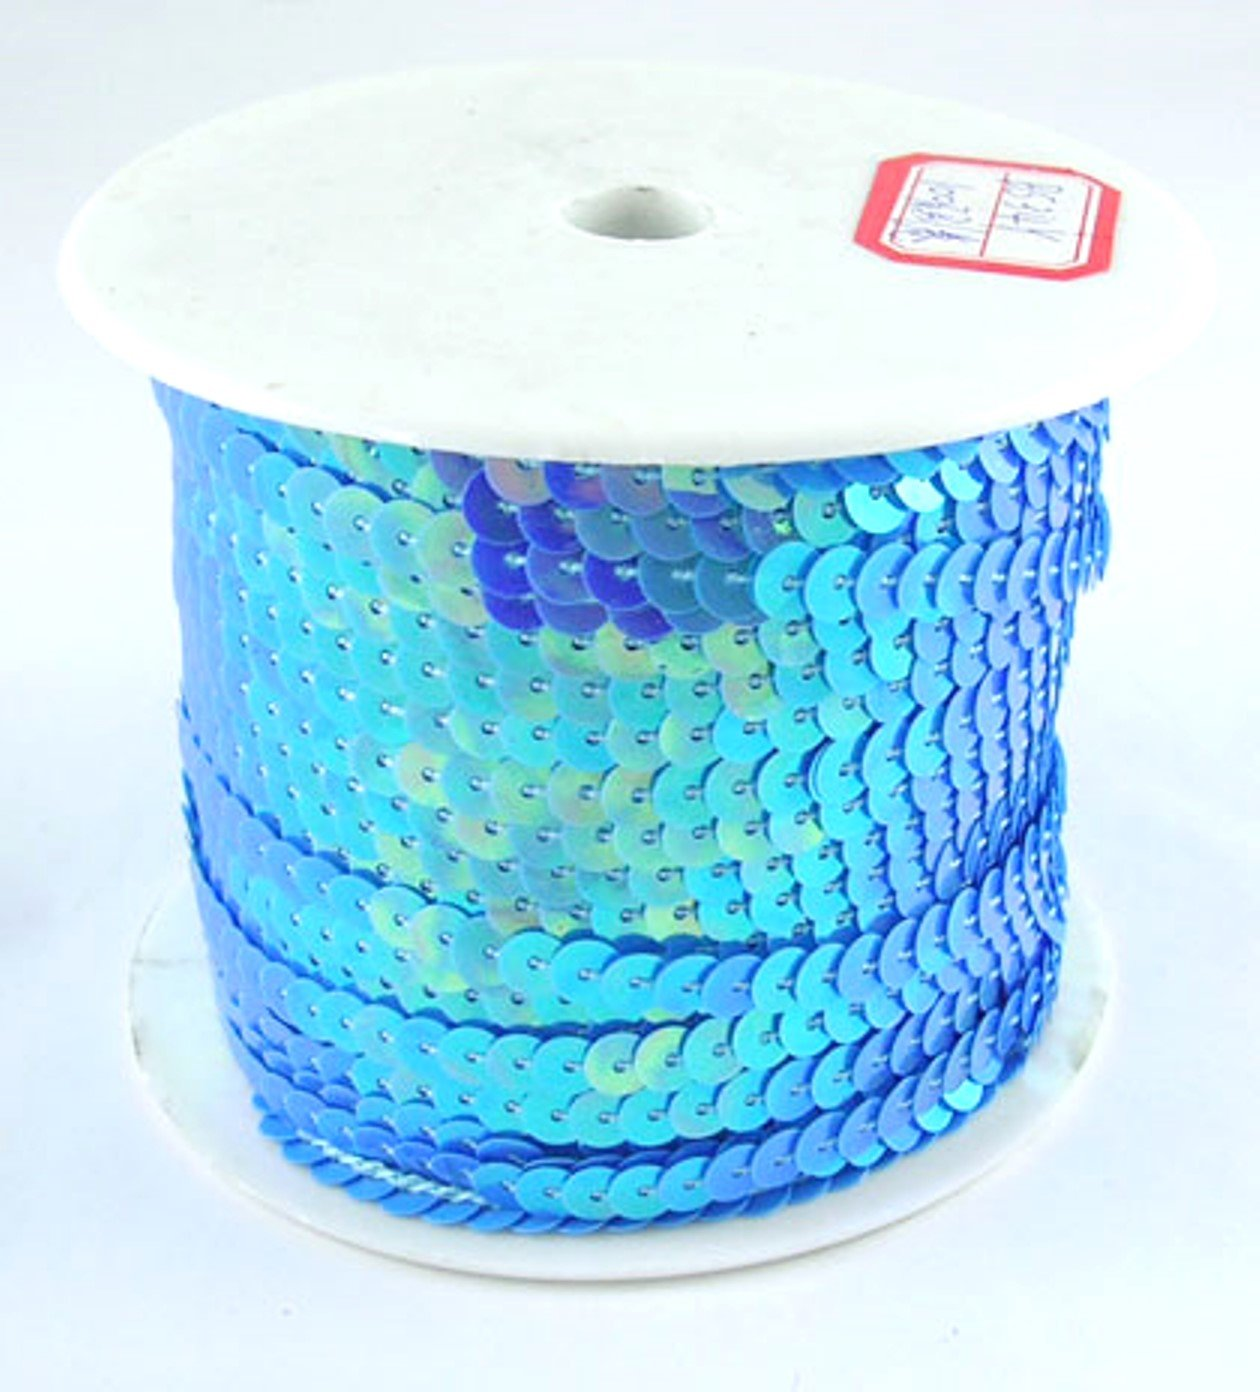 Paillettes nastro blu 6mm di larghezza e 91meter fai da te, colore platino Bastel Express 4250983915402